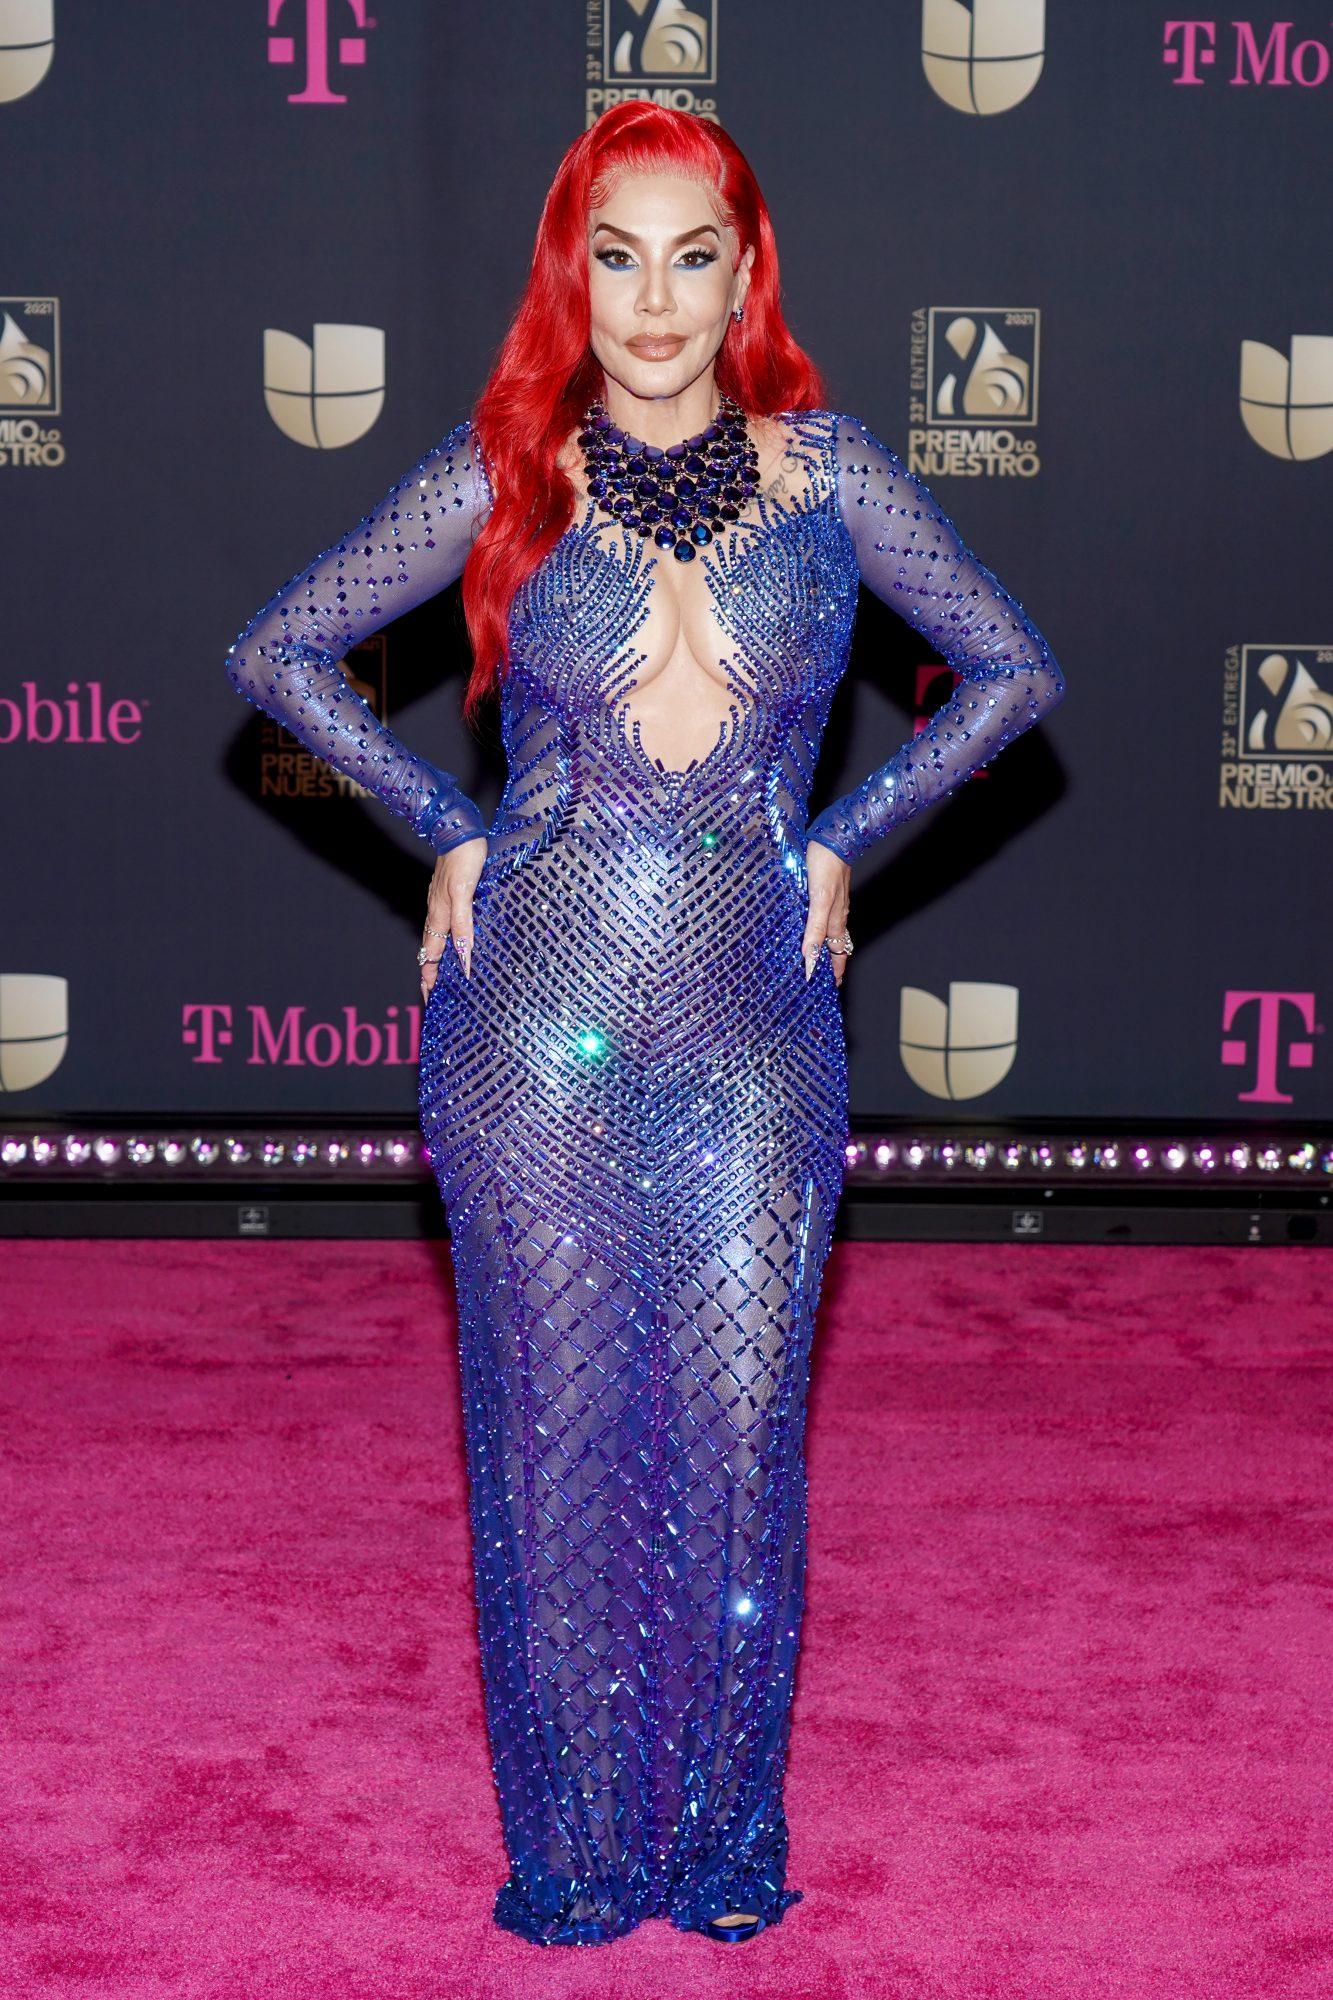 La reina del reguetón eligió este sensual diseño azul marino con revelador escote, transparencias y pedrería. ¿Qué tal su pelo rojo?